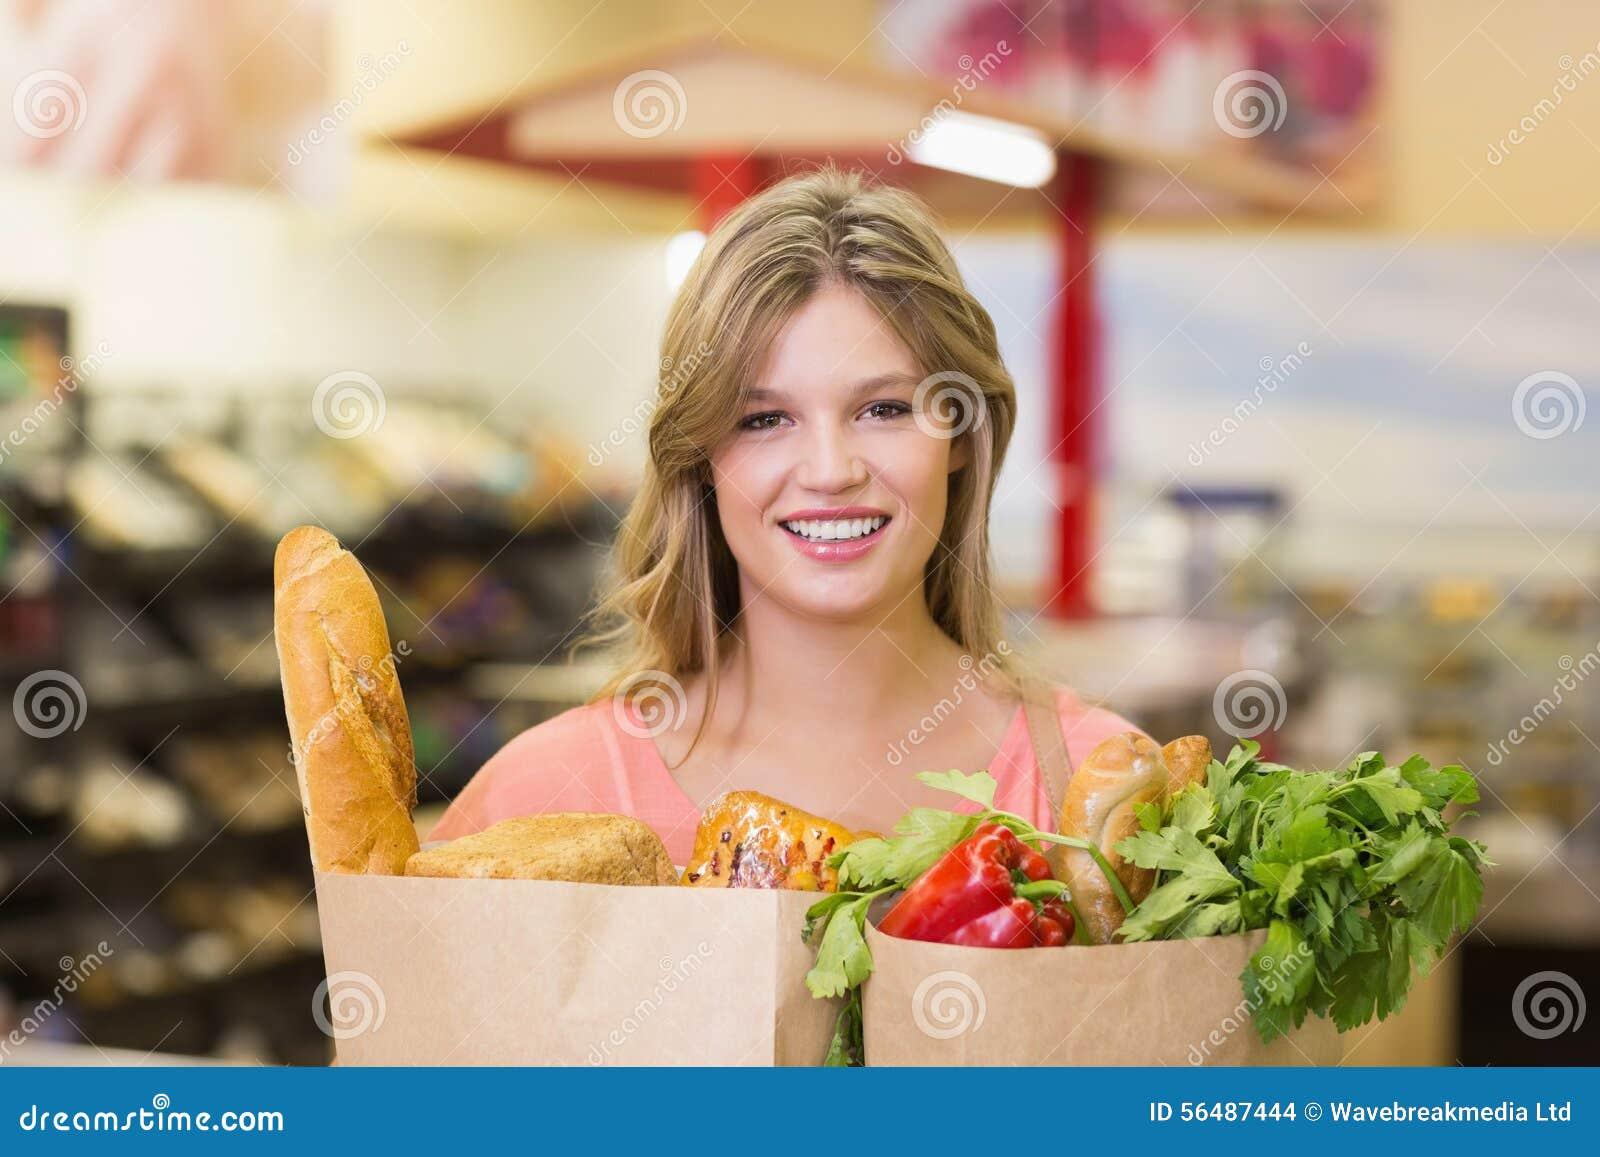 Portrait du sourire produits alimentaires de achat de femme assez blonde